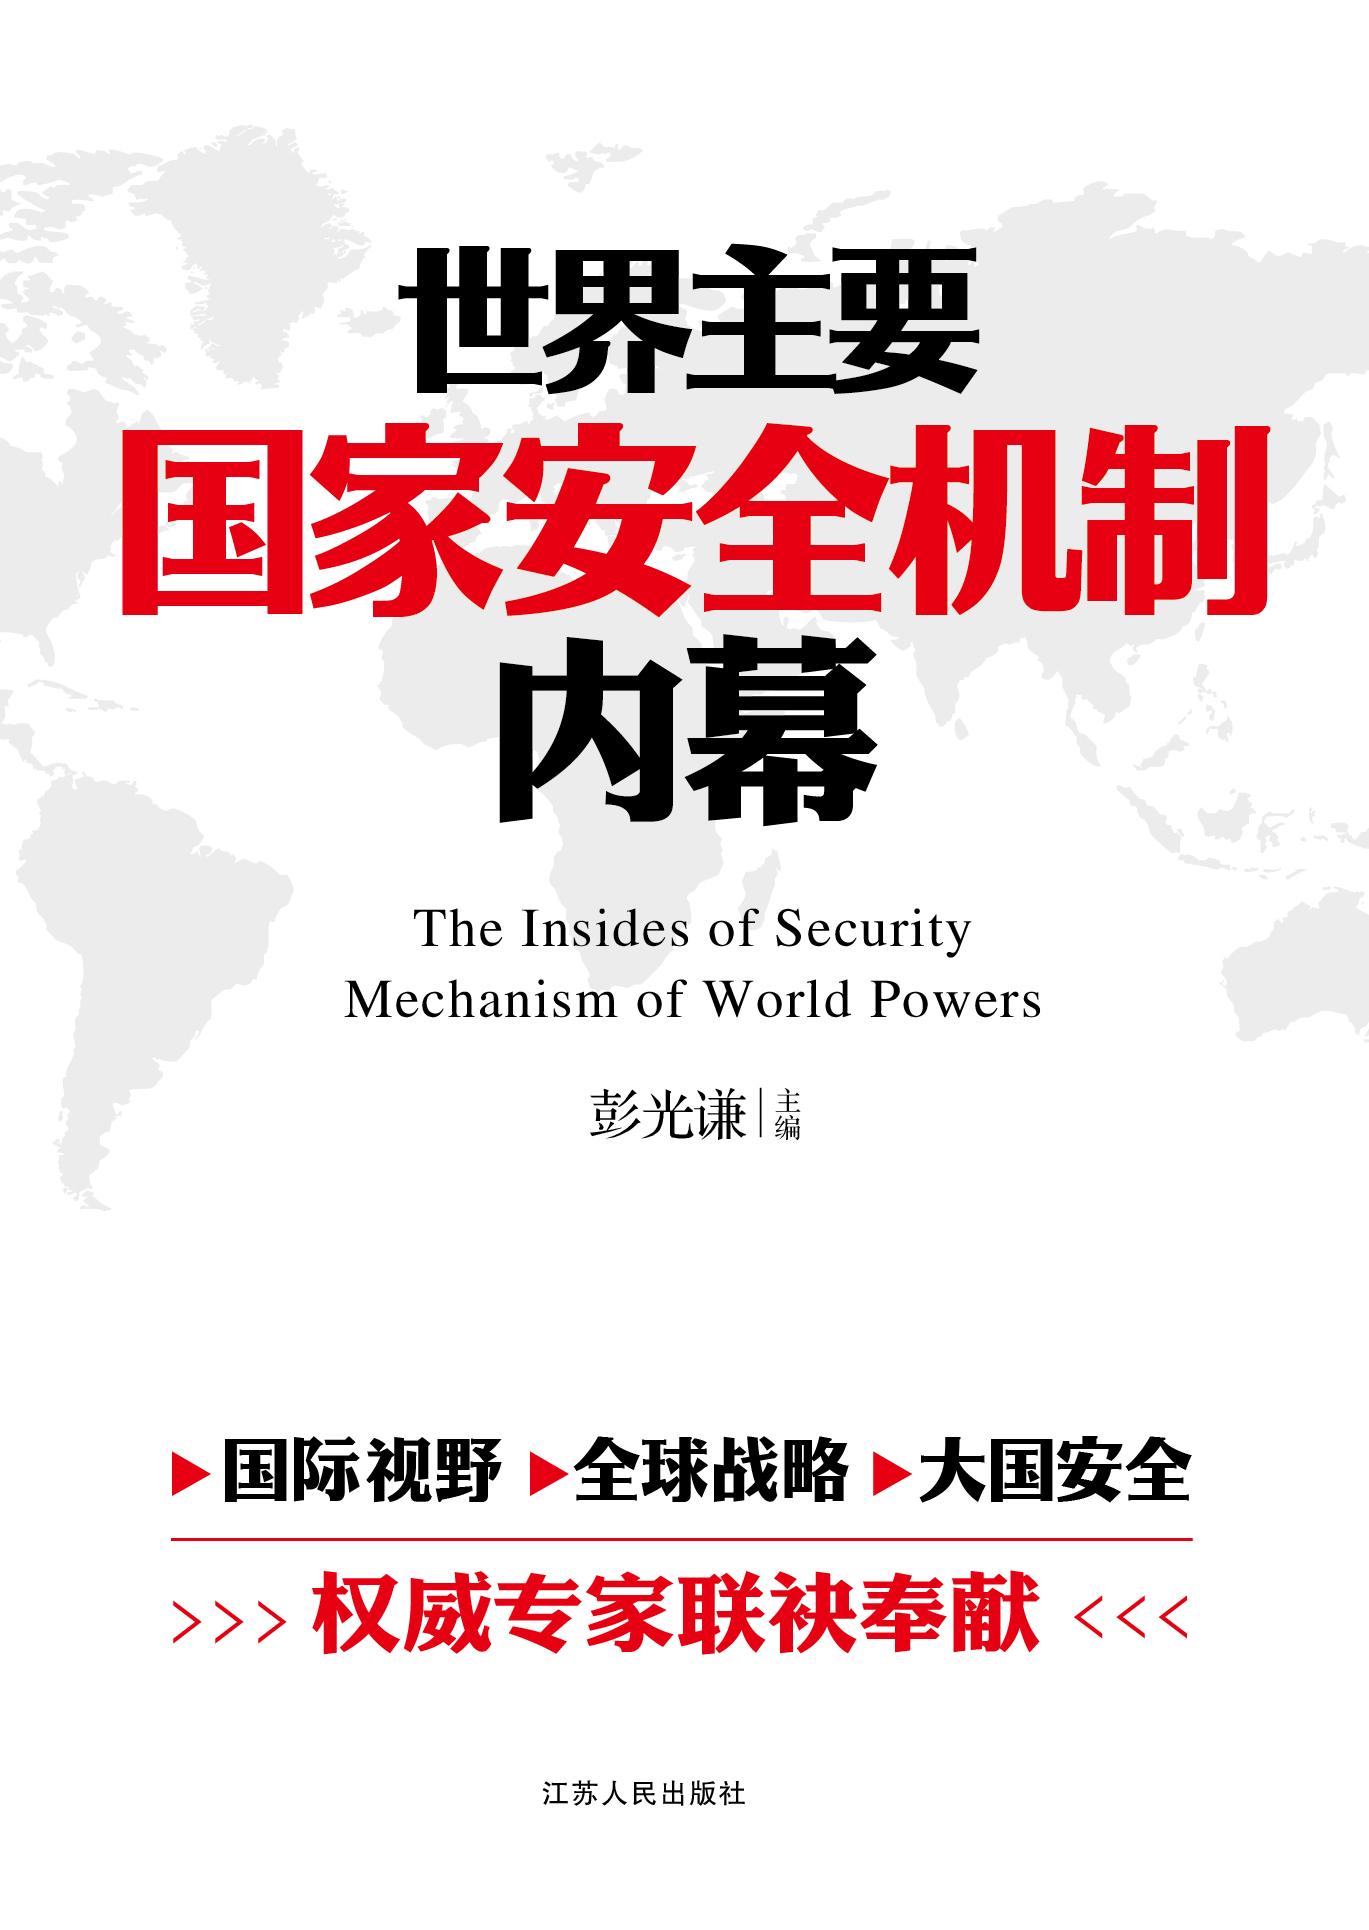 出版方:江蘇人民出版社